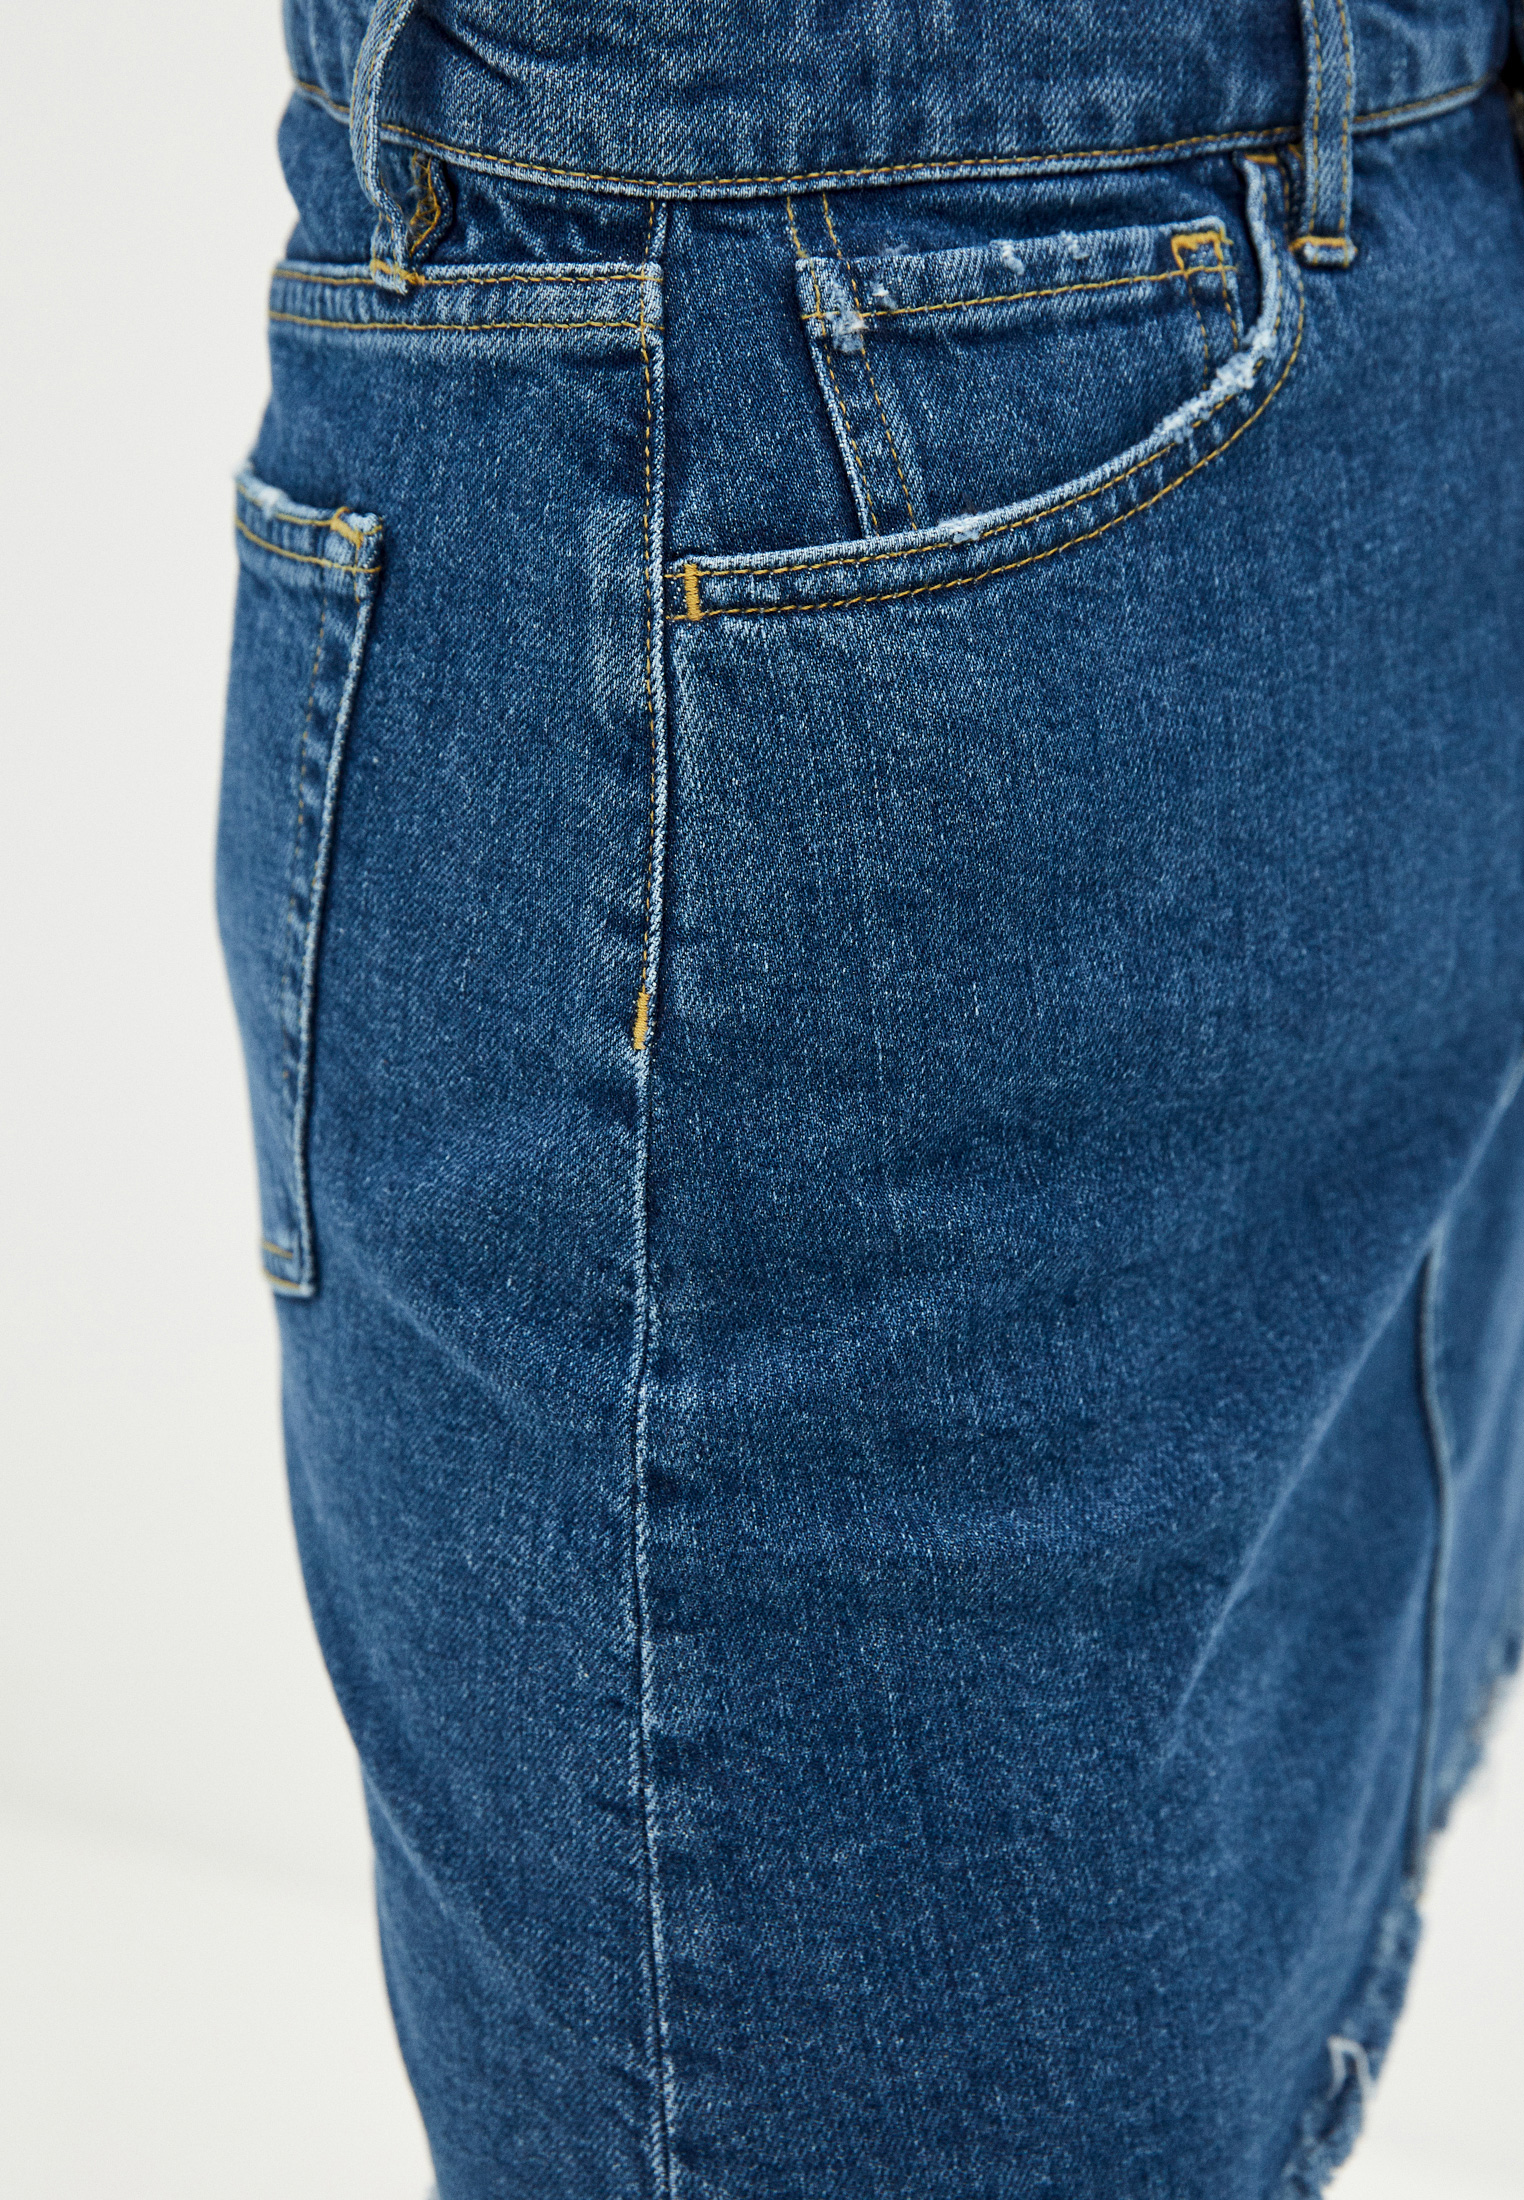 Джинсовая юбка 3X1 WSXPS1079: изображение 5